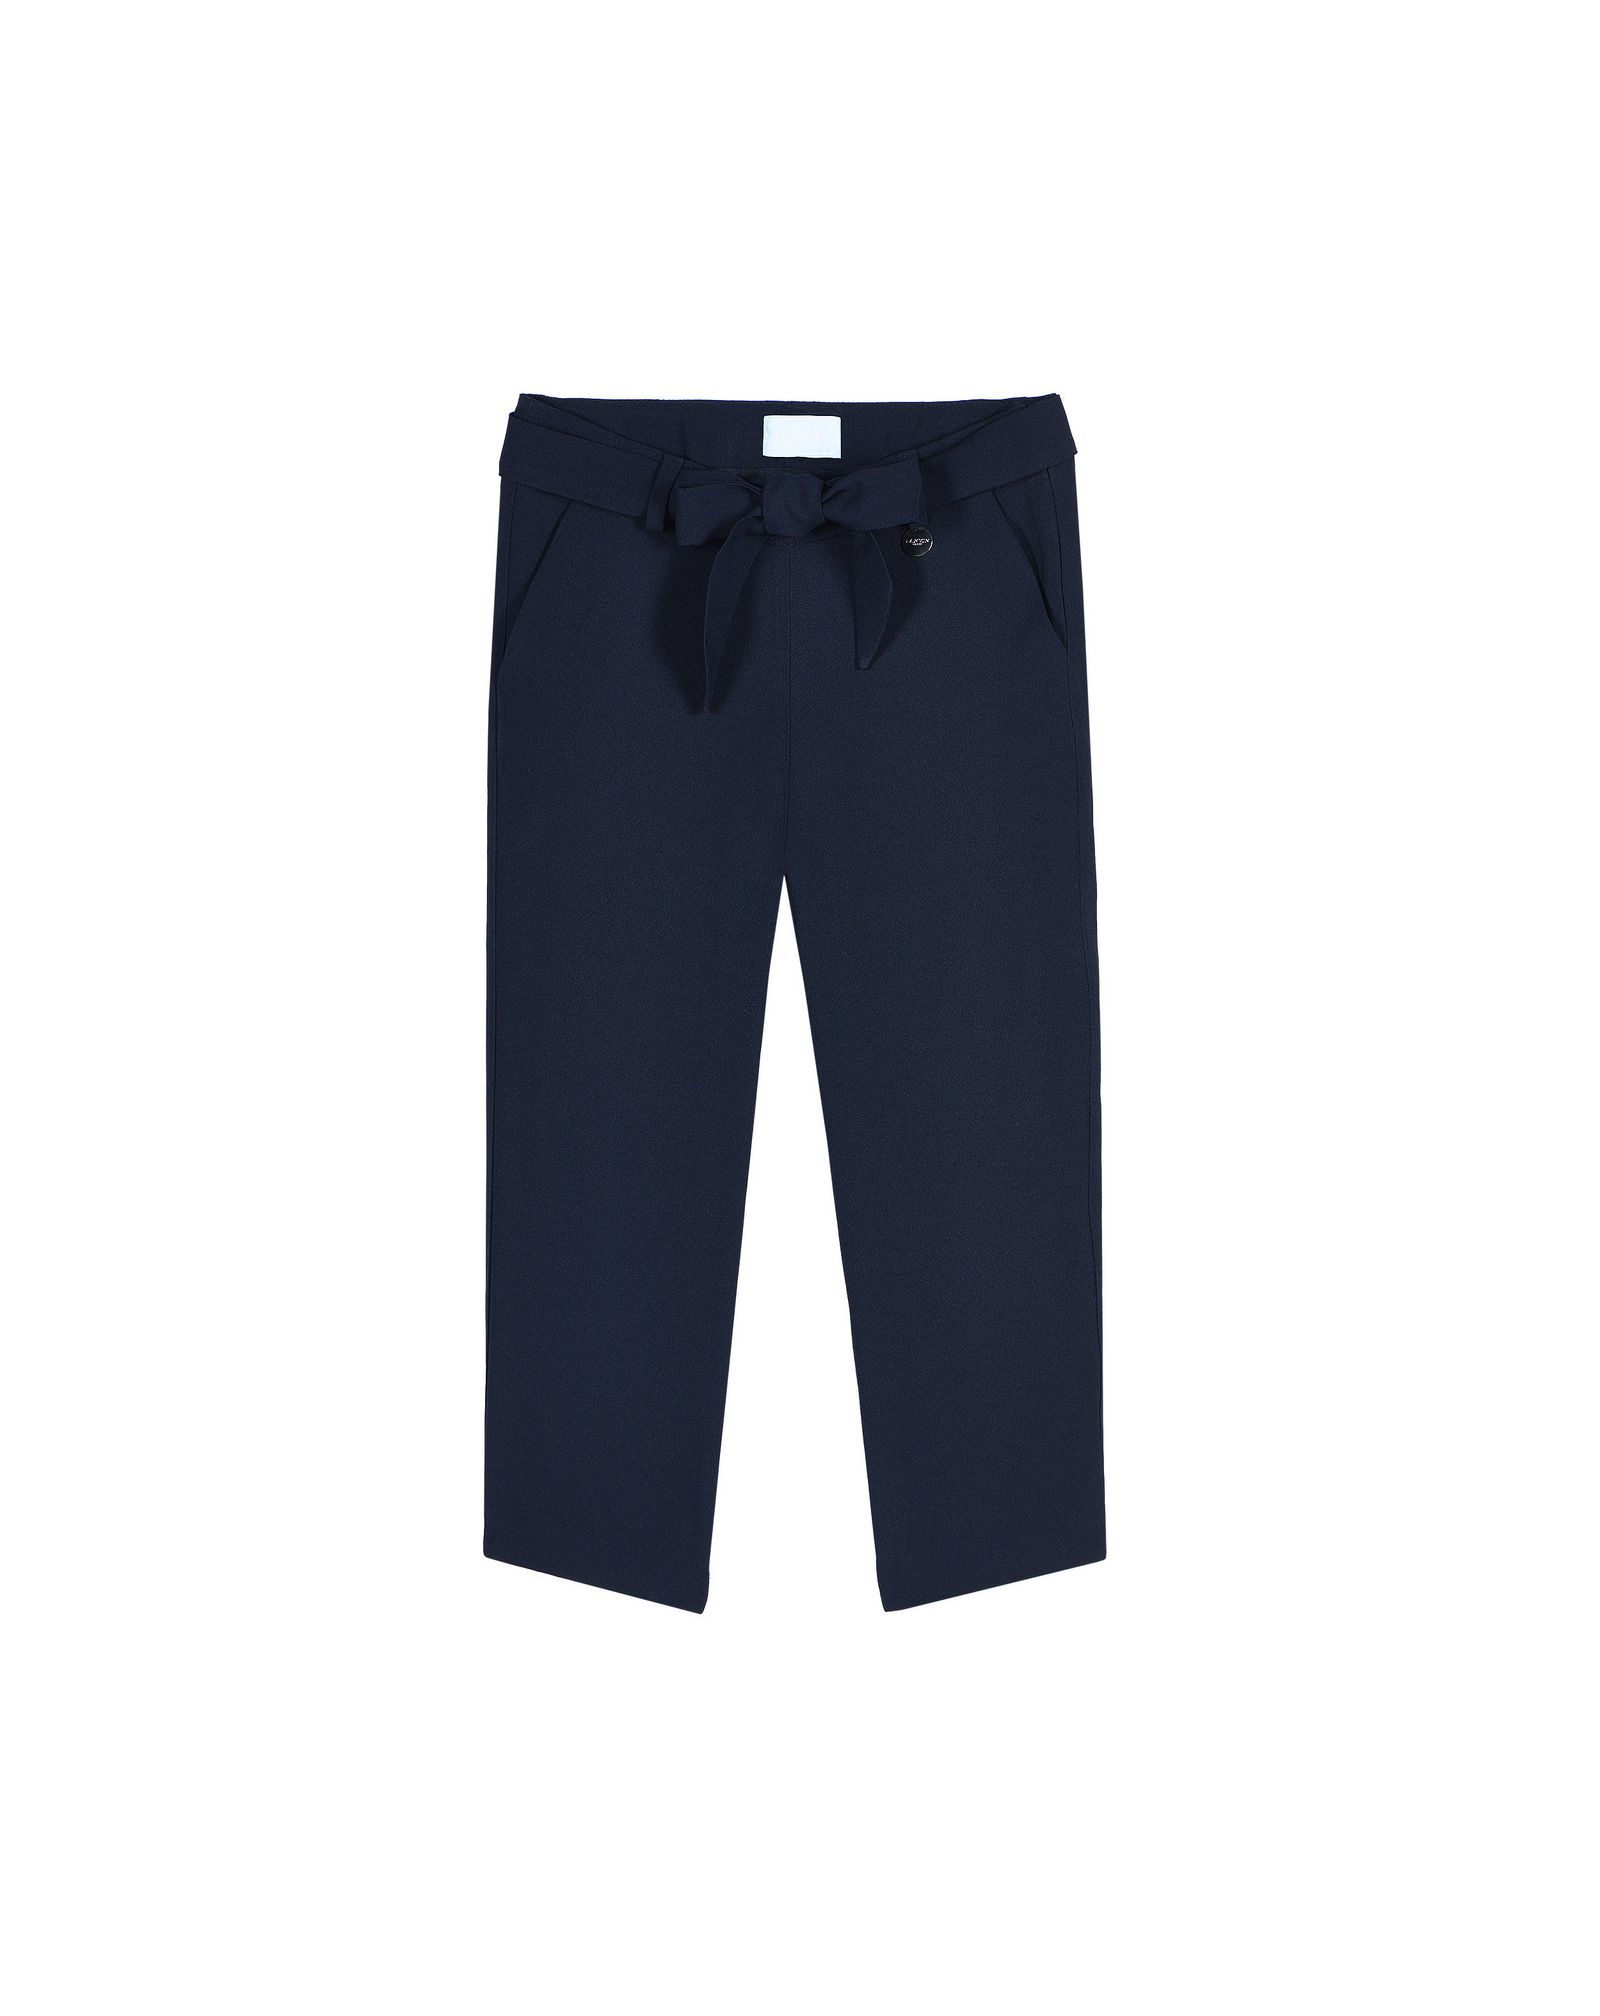 100% Qualität neuartiger Stil Sonderangebot MARINEBLAUE HOSE MIT SCHLEIFE Lanvin, Trousers ...